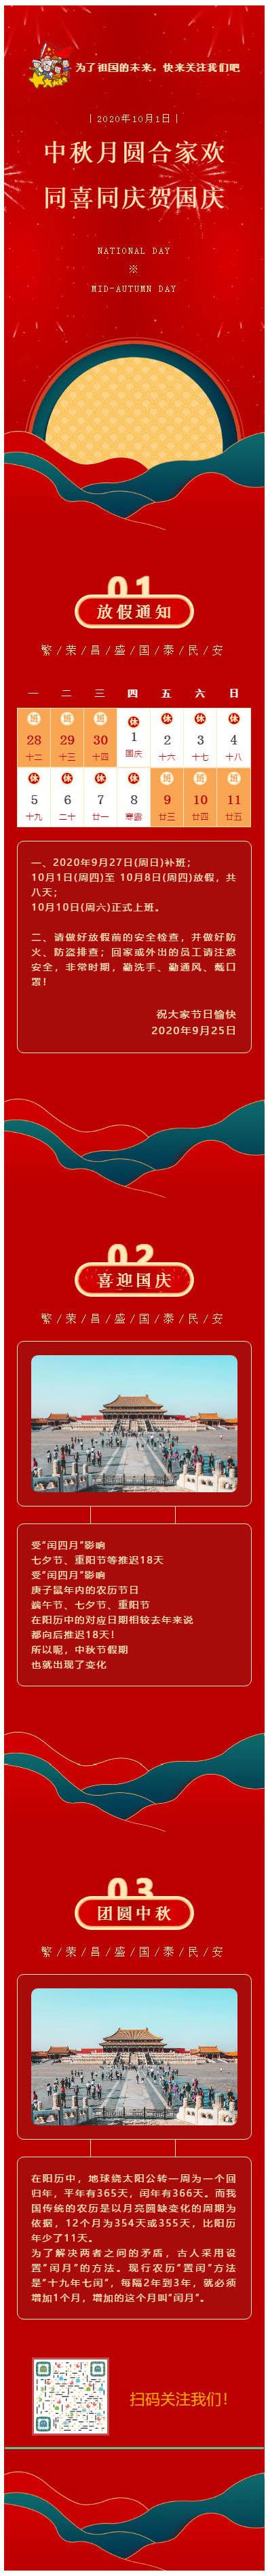 2020国庆节中秋节放假通知小长假微信公众号推文模板推送素材